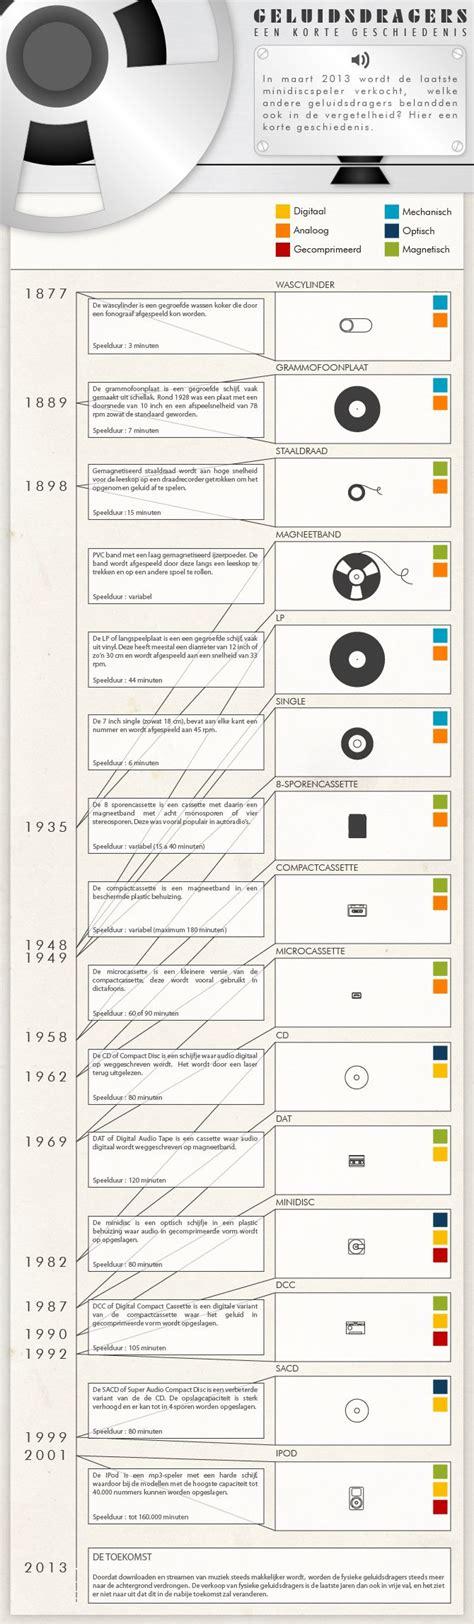 audio format file size comparison a short history of audio formats with a comparison on size